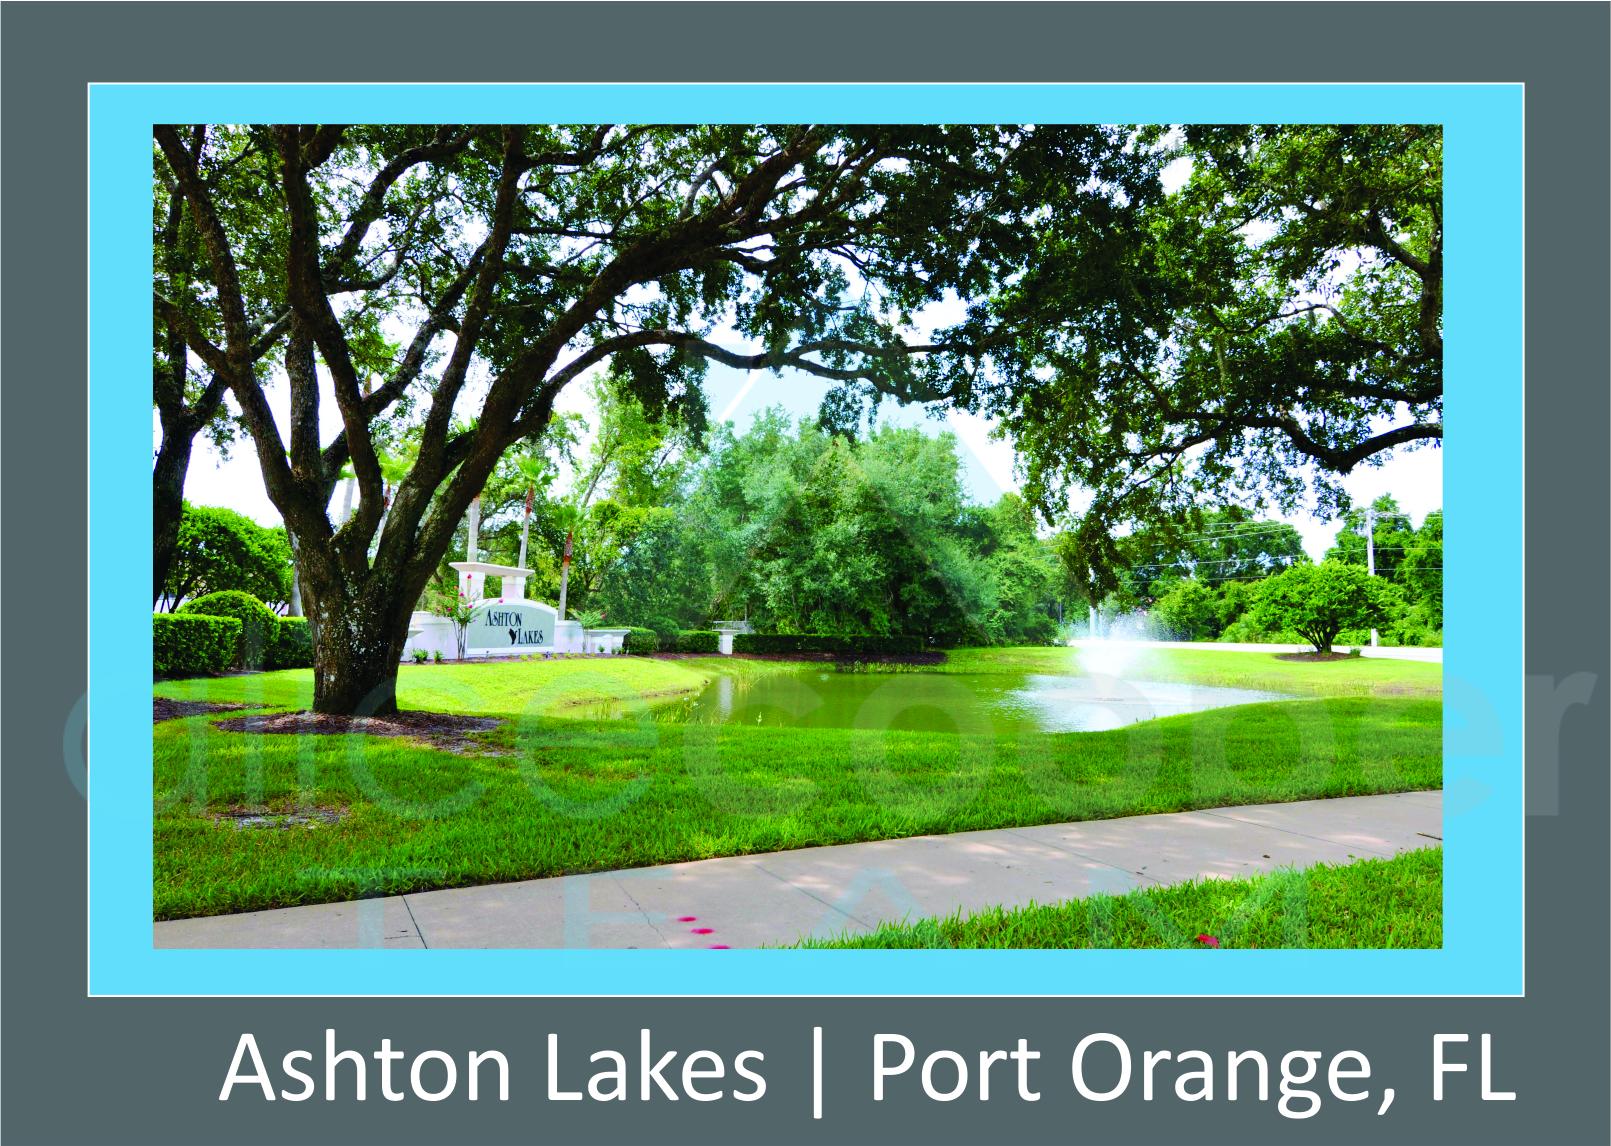 Ashton Lakes Neighborhood Entrance Sign